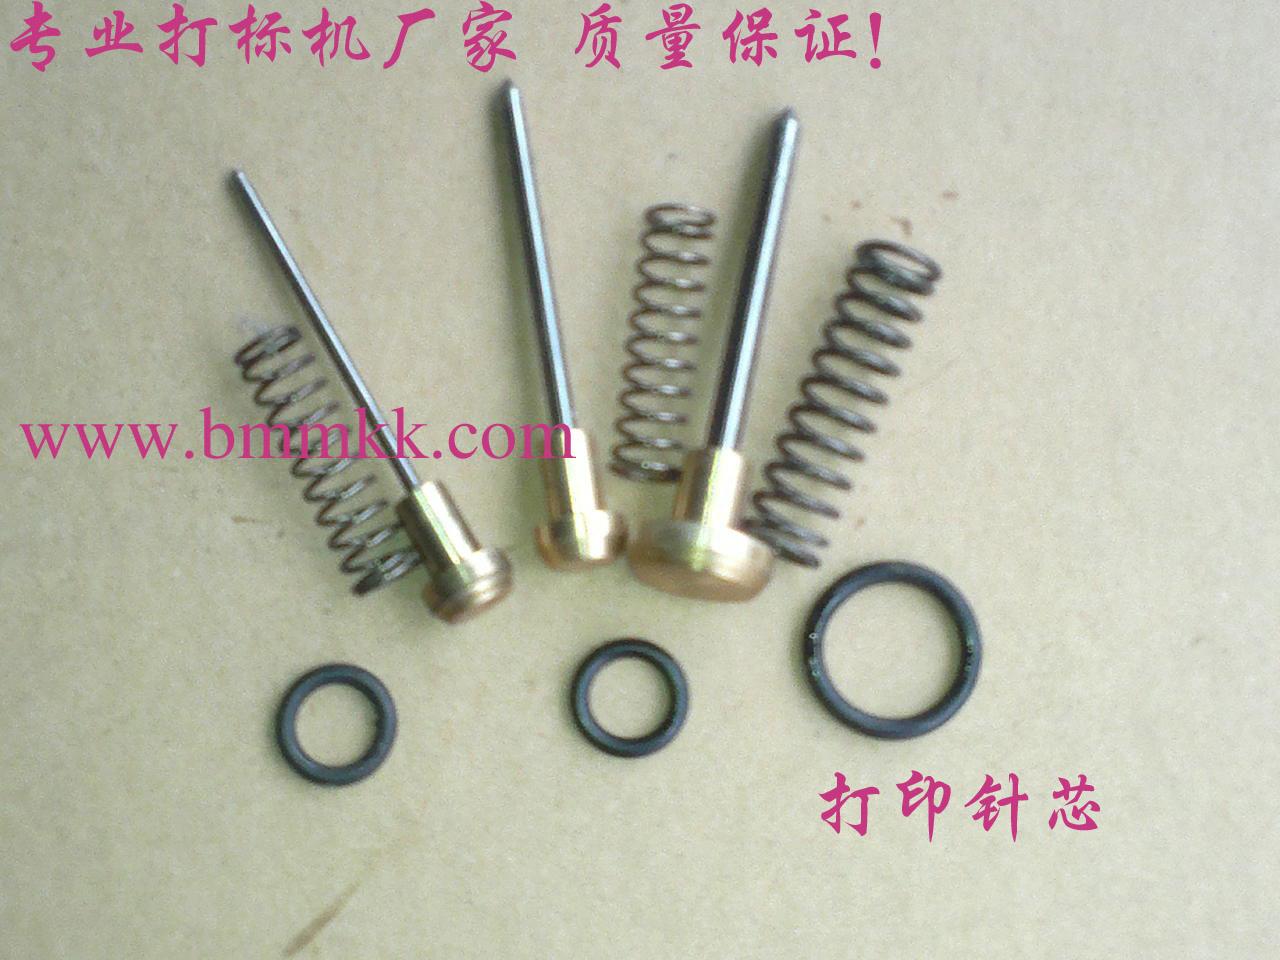 pneumatické jehly značící jednotka otisk předmětu, guangzhou do jehly, karbidů jehlu, jehlu kód vytištěný jehly